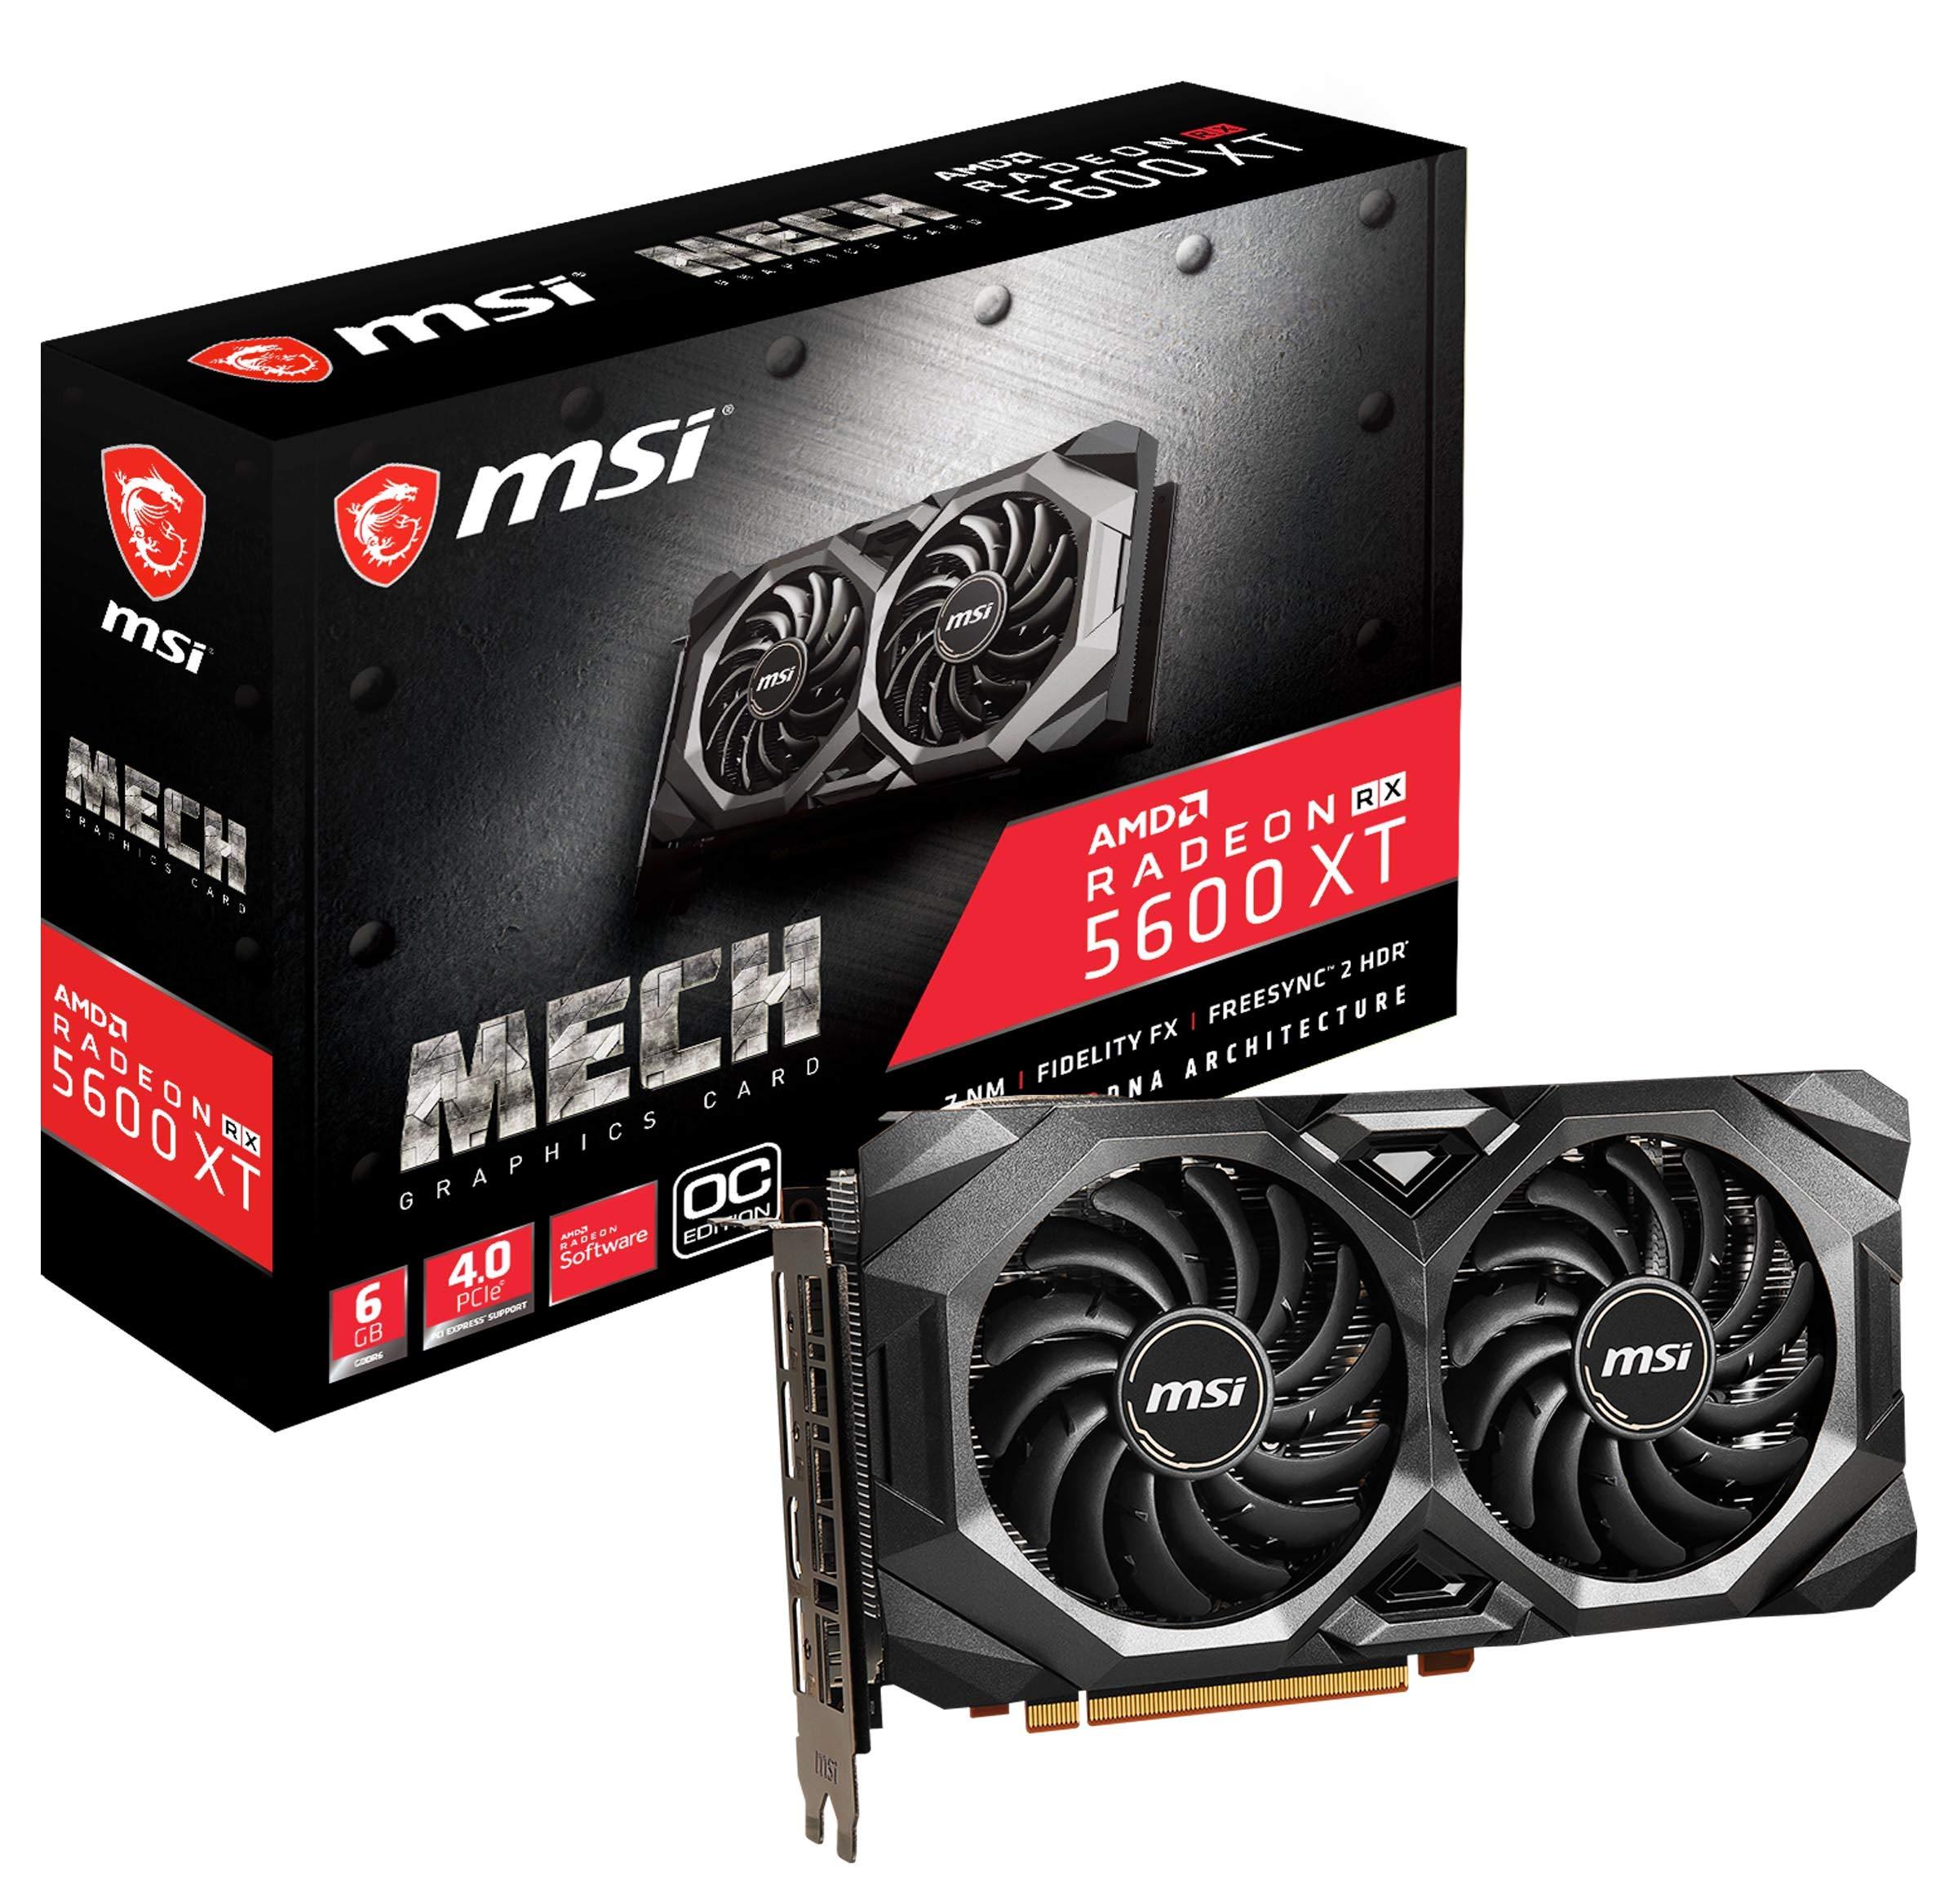 MSI Gaming Radeon RX 5600 XT Boost Clock: 1600 MHz 192-bit 6GB GDDR6 DP/HDMI Dual Torx 3.0 Fans Freesync DirectX 12 Ready Graphics Card (RX 5600 XT MECH OC)